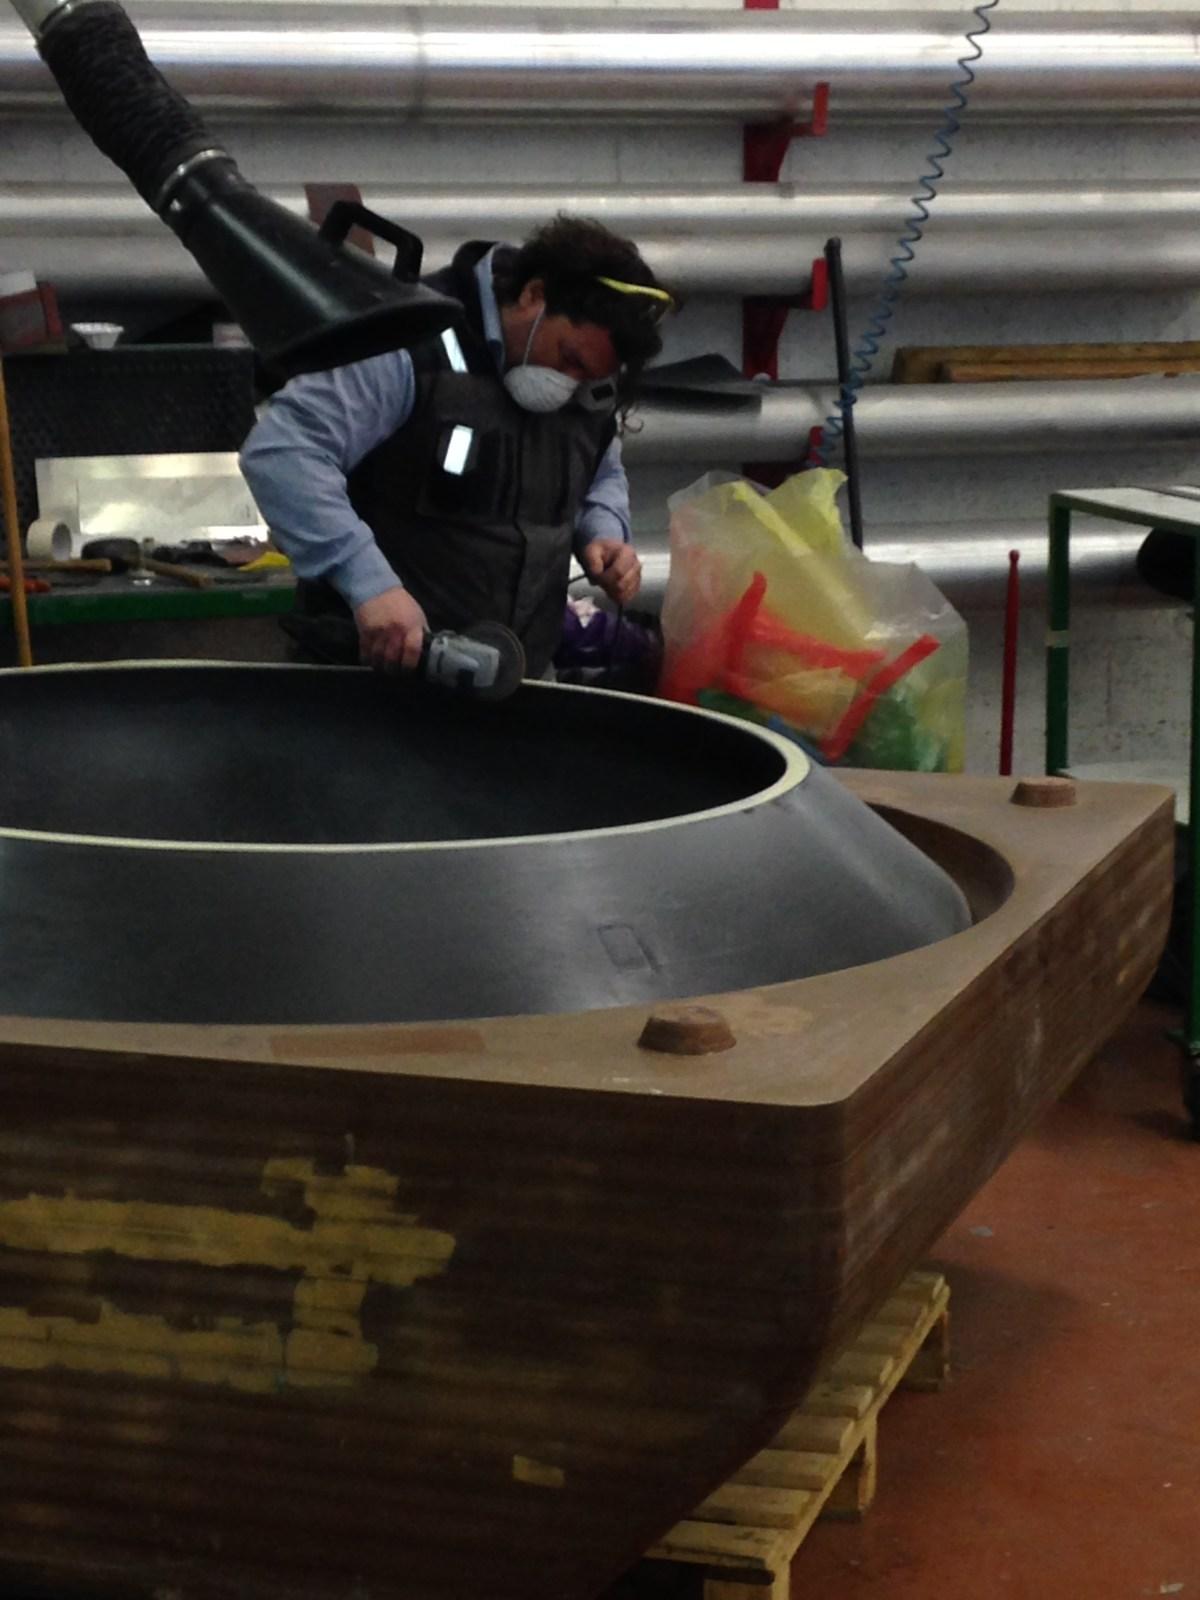 ufo rocking chair making